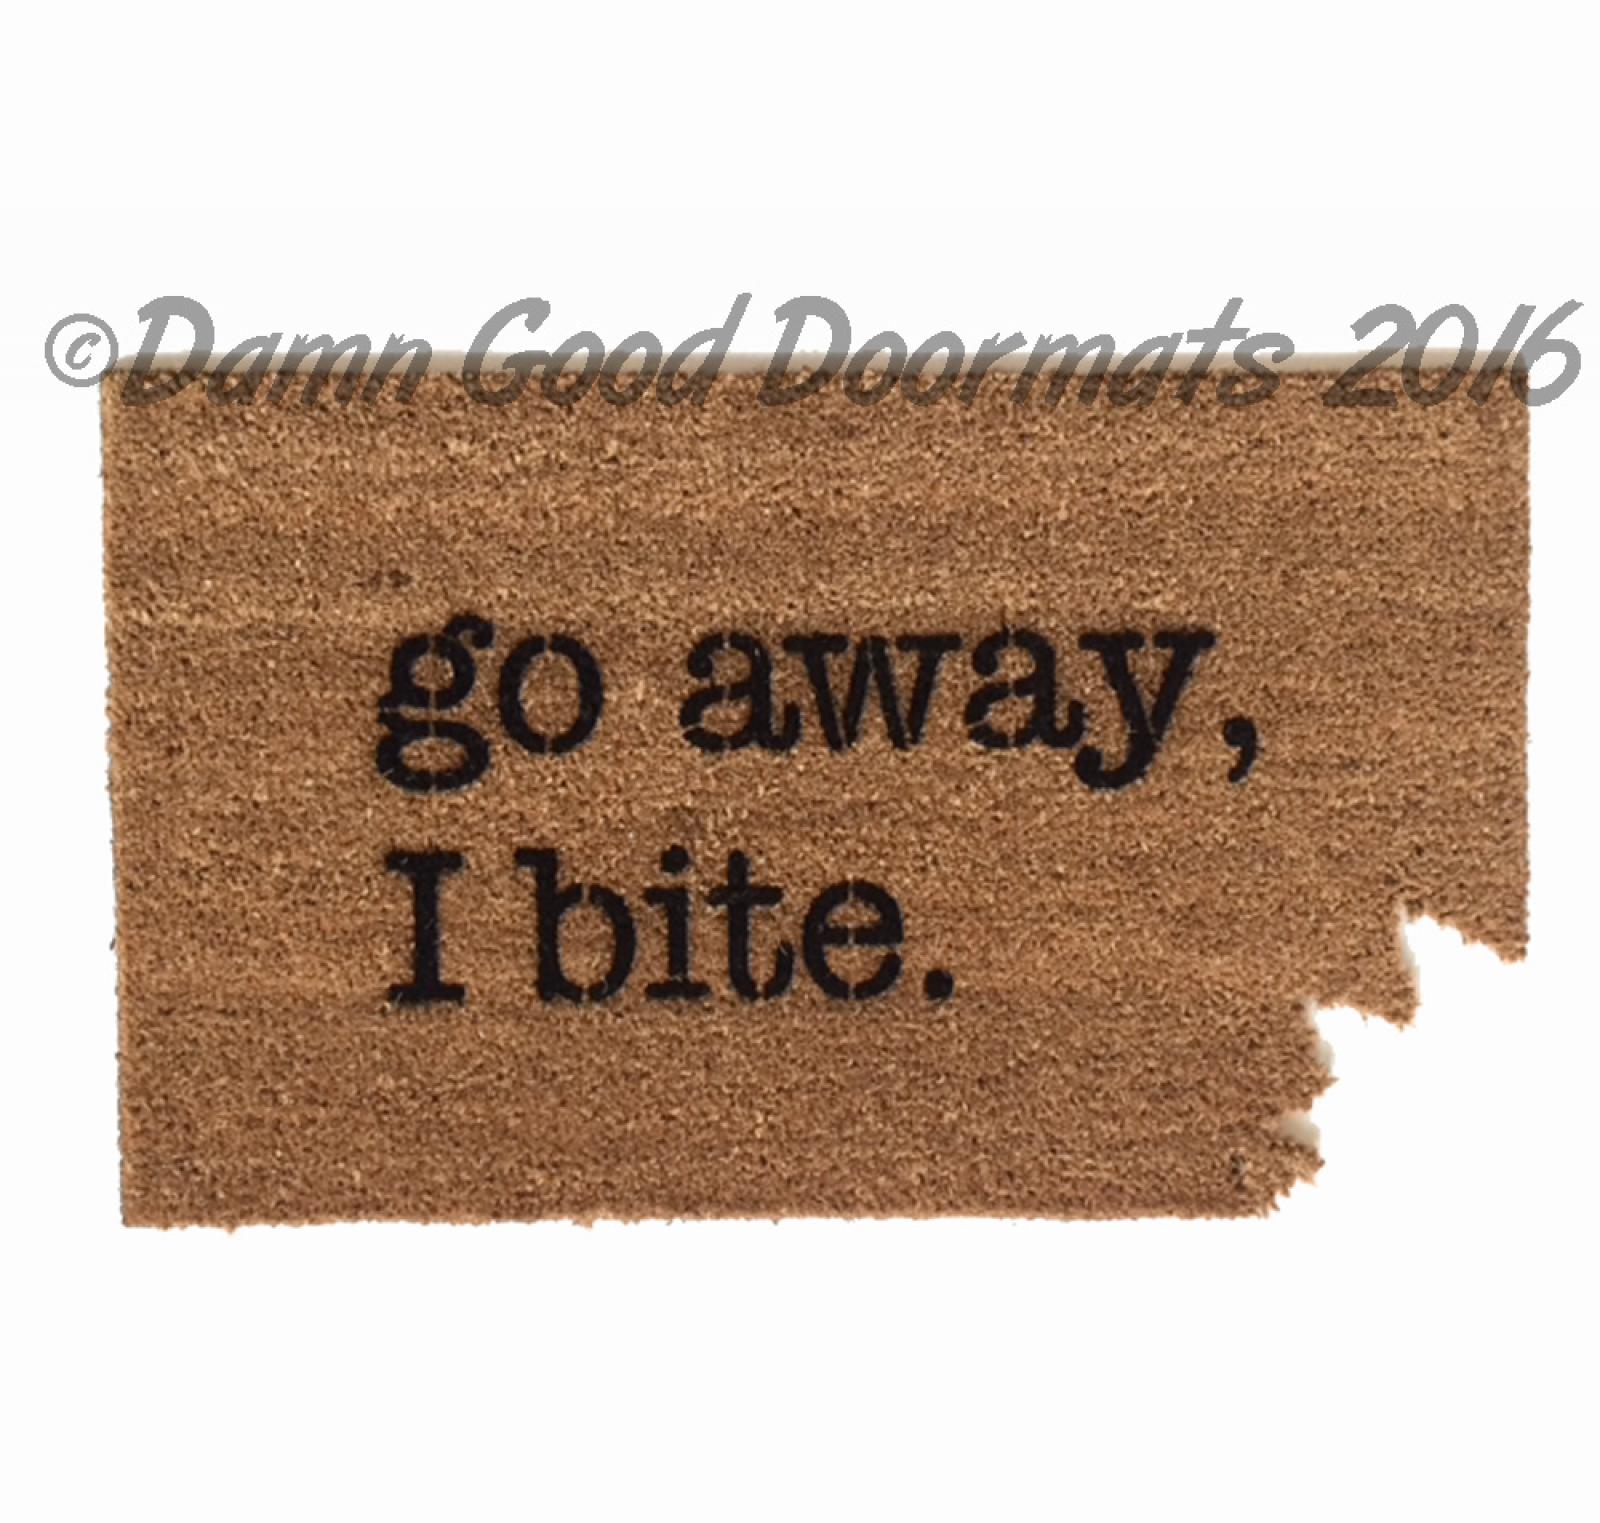 Go away i bite door mat damn good doormats - Offensive doormats ...